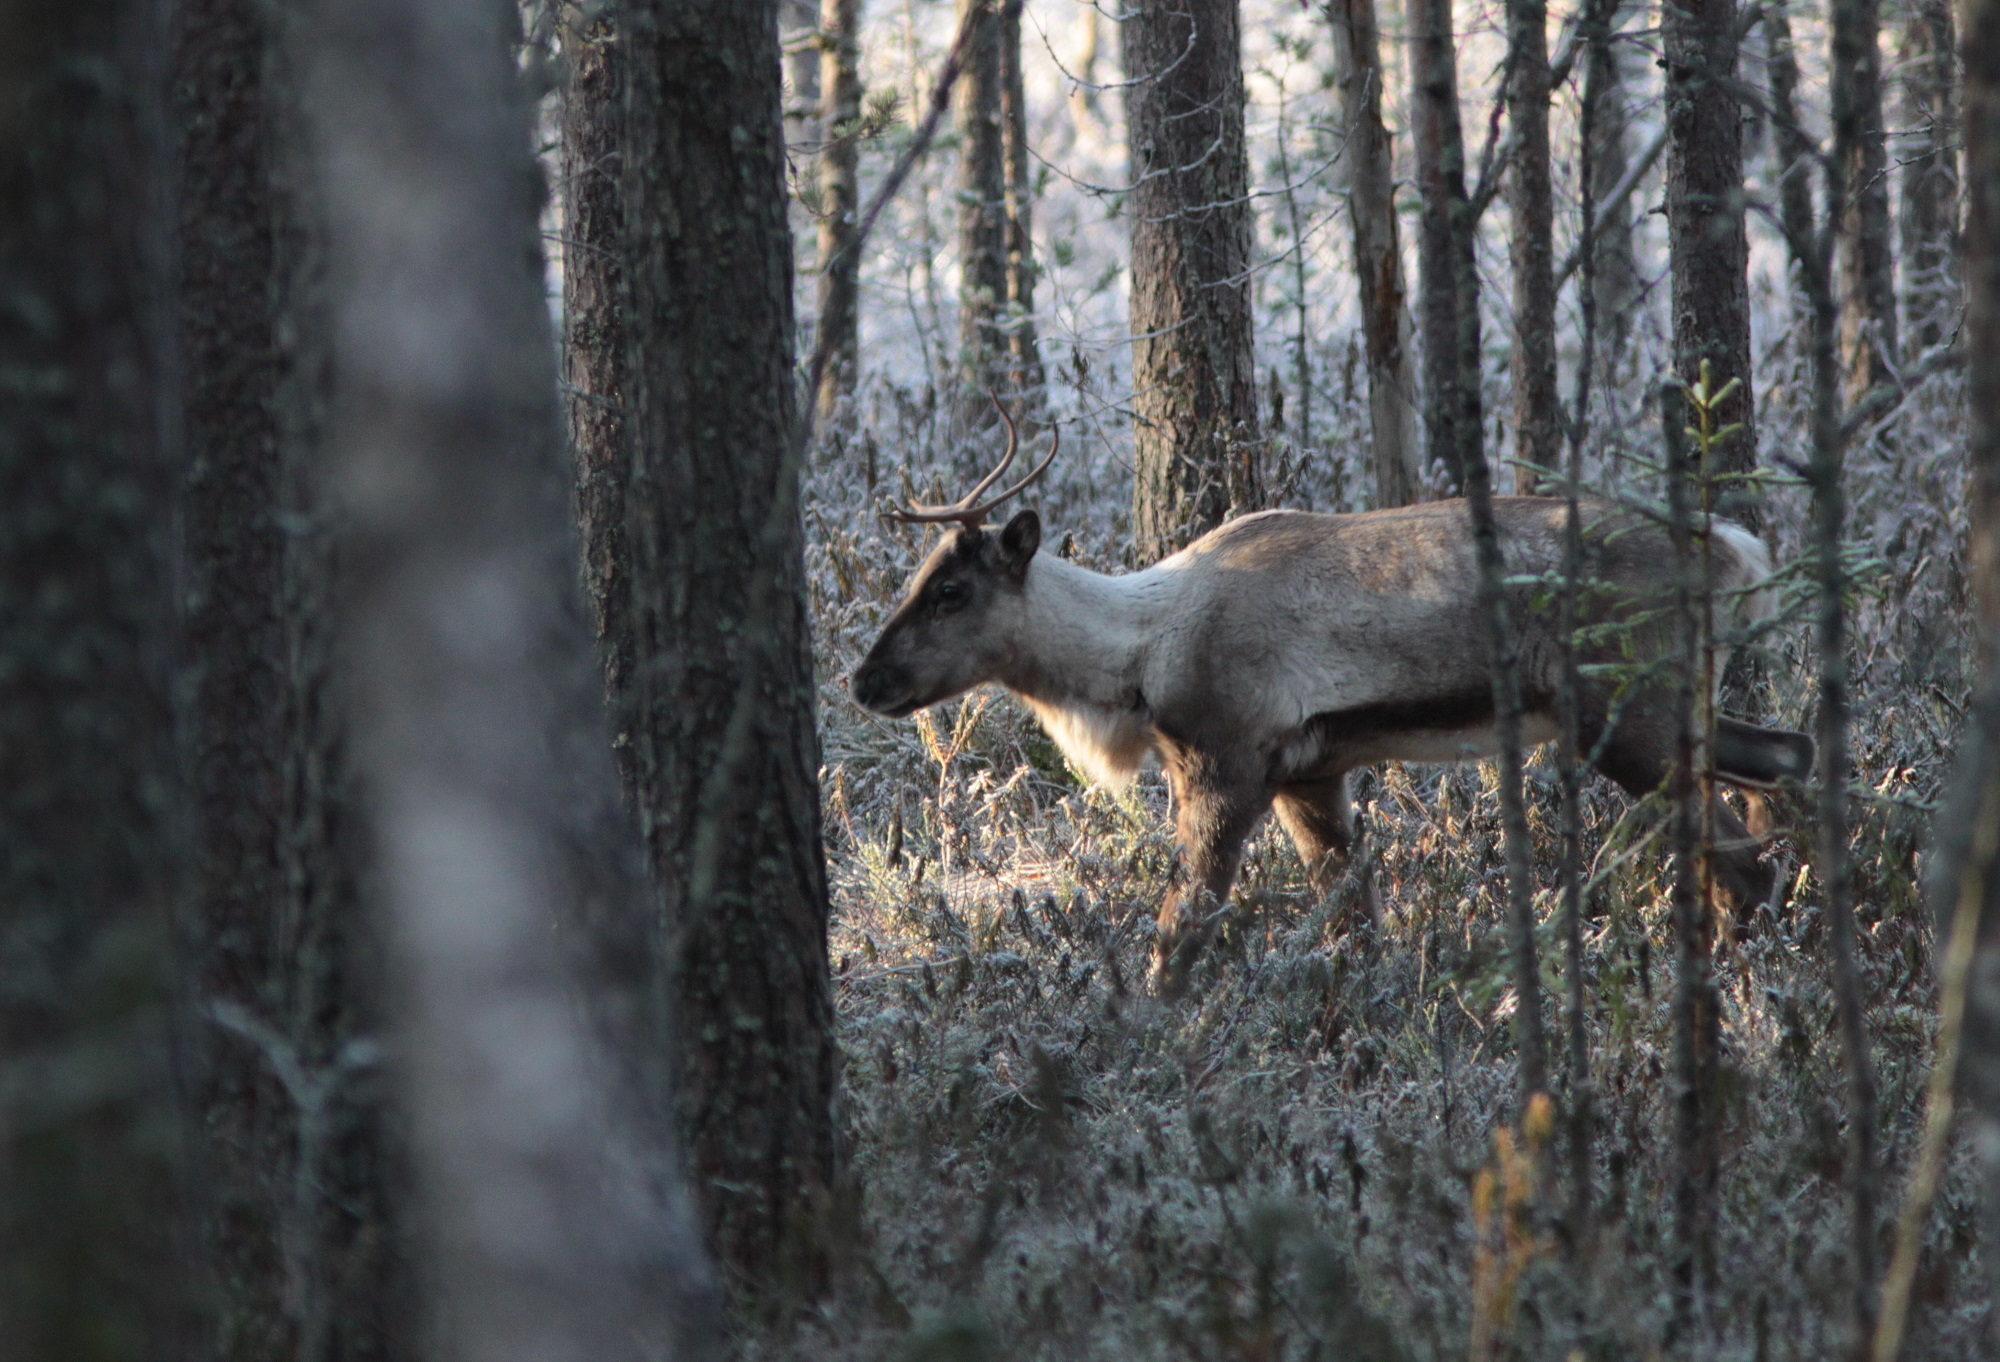 Taikapolku metsäpeuran poluilla - Metsäpeuran poluilla liikutaan Lauhanvuoren kansallispuiston maisemissa samoilla poluilla metsäpeurojen kanssa.